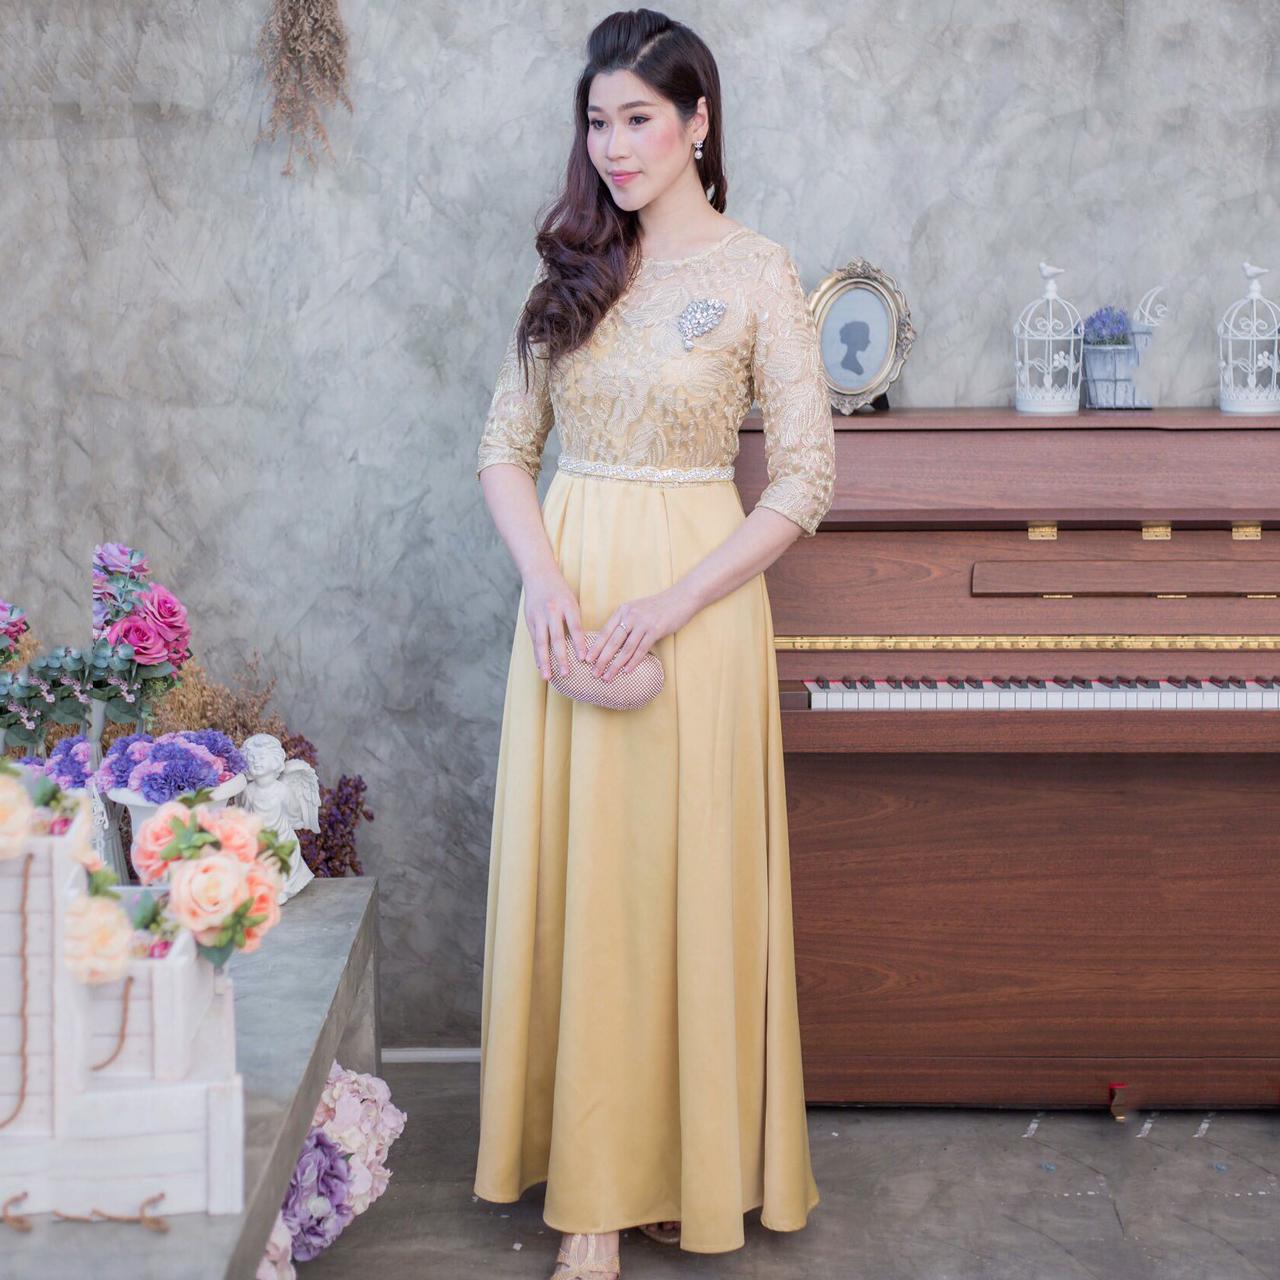 ชุดเดรสยาวออกงานสีทอง ลูกไม้ลายใบไม้ปักดิ้น แนวเรียบหรู สวยสง่า สไตล์ผู้ใหญ่ เหมาะสำหรับใส่ออกงาน ไปงานแต่งงาน ชุดถือขันหมาก ชุดแม่บ่าวสาว